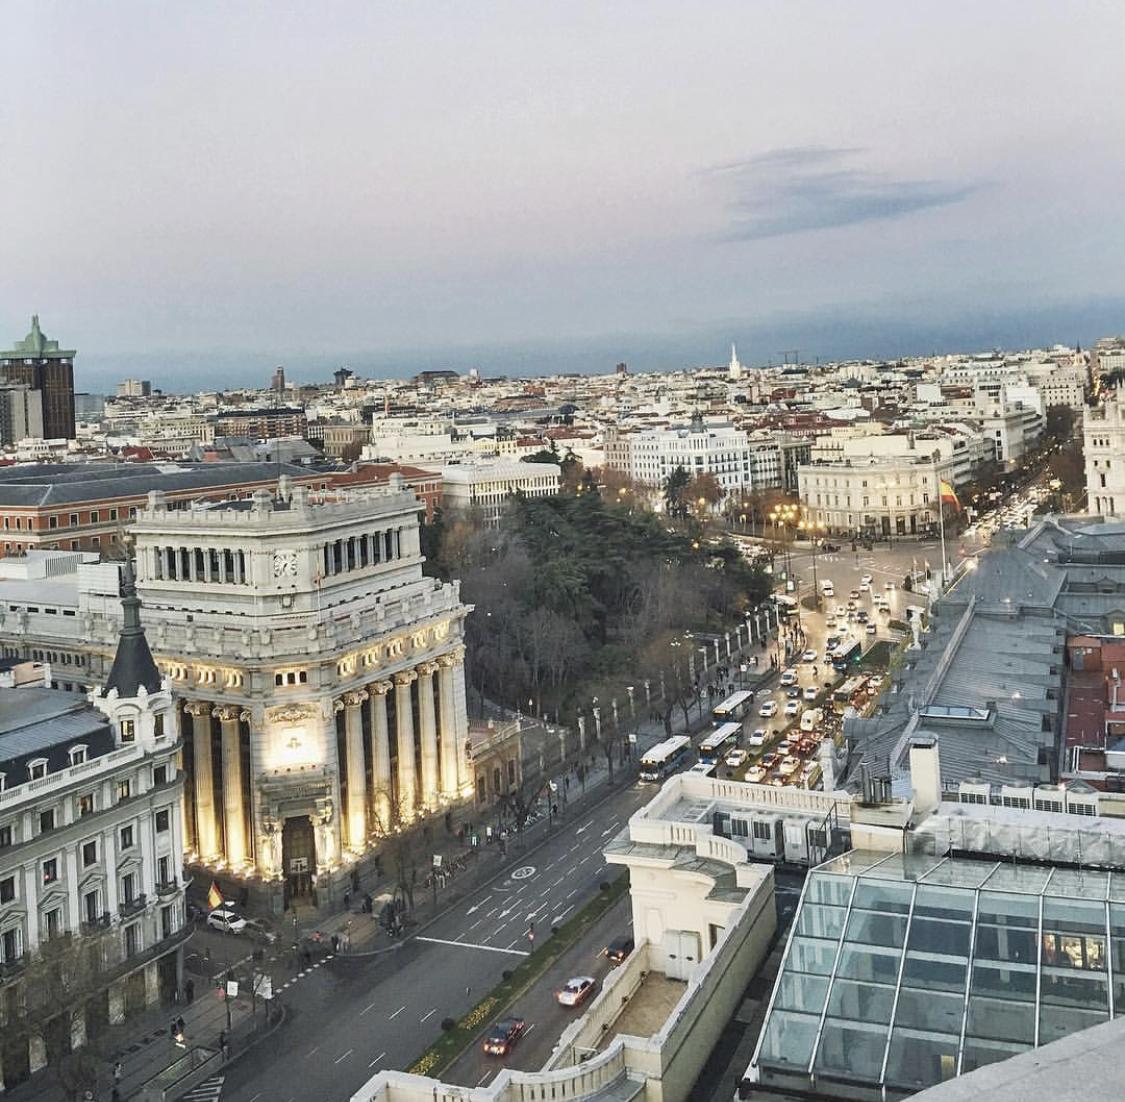 My favorite rooftop view of Madrid (Circulo de Bellas Artes)